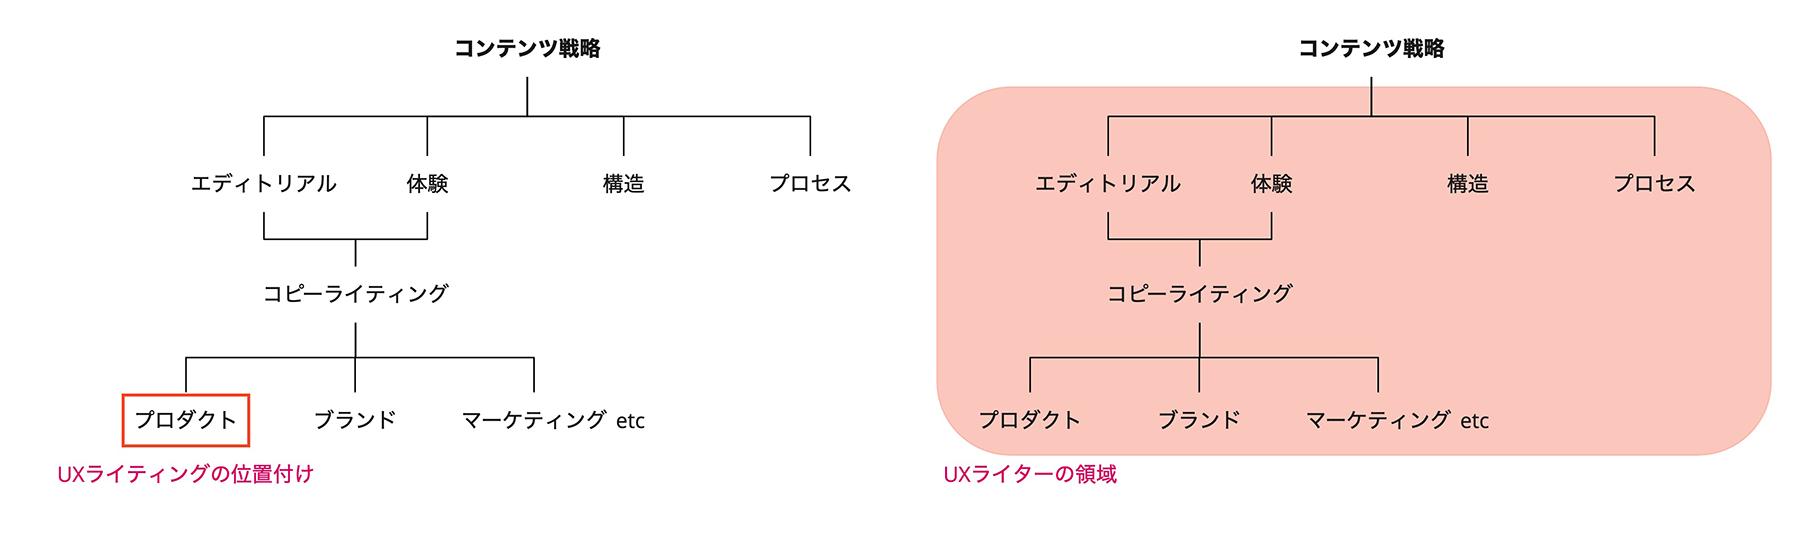 コンテンツ戦略とUXライティングの関係性を表した図